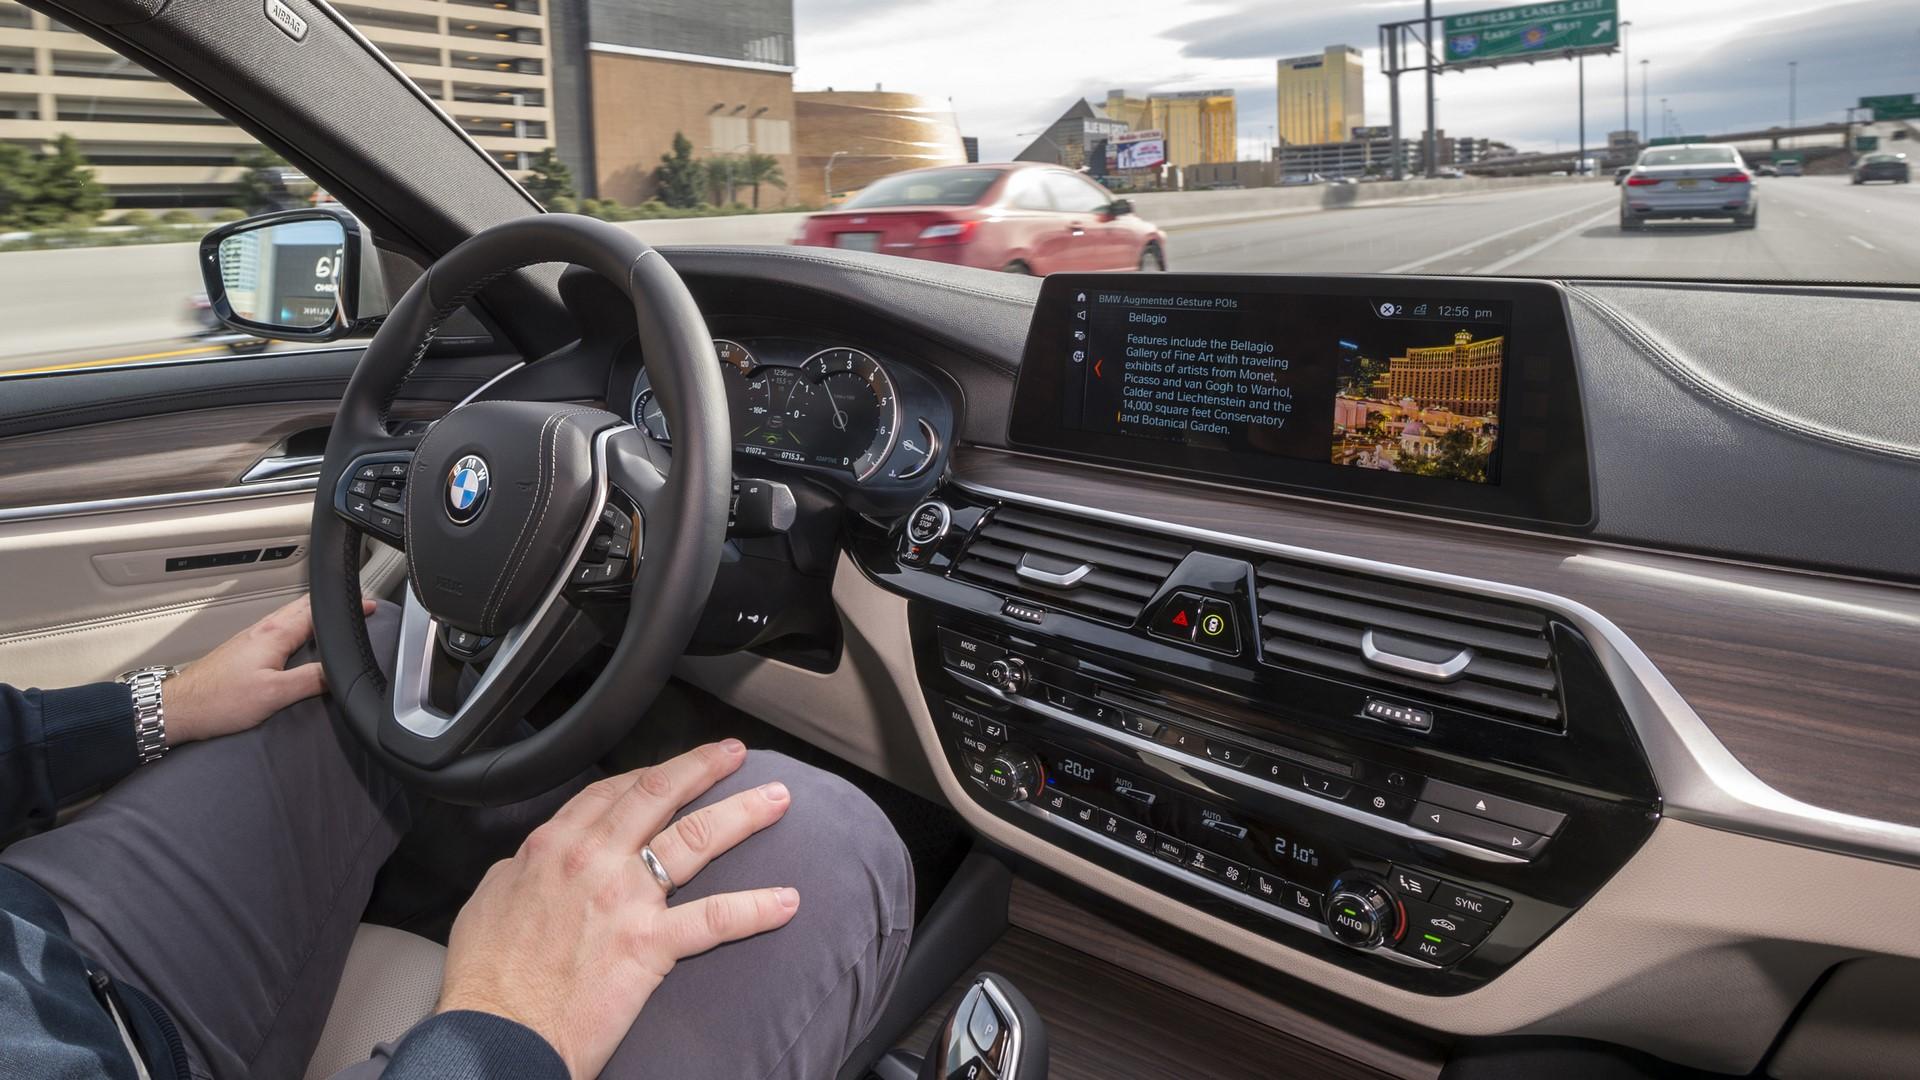 BMW 5 Series Autonomous Prototype (11)